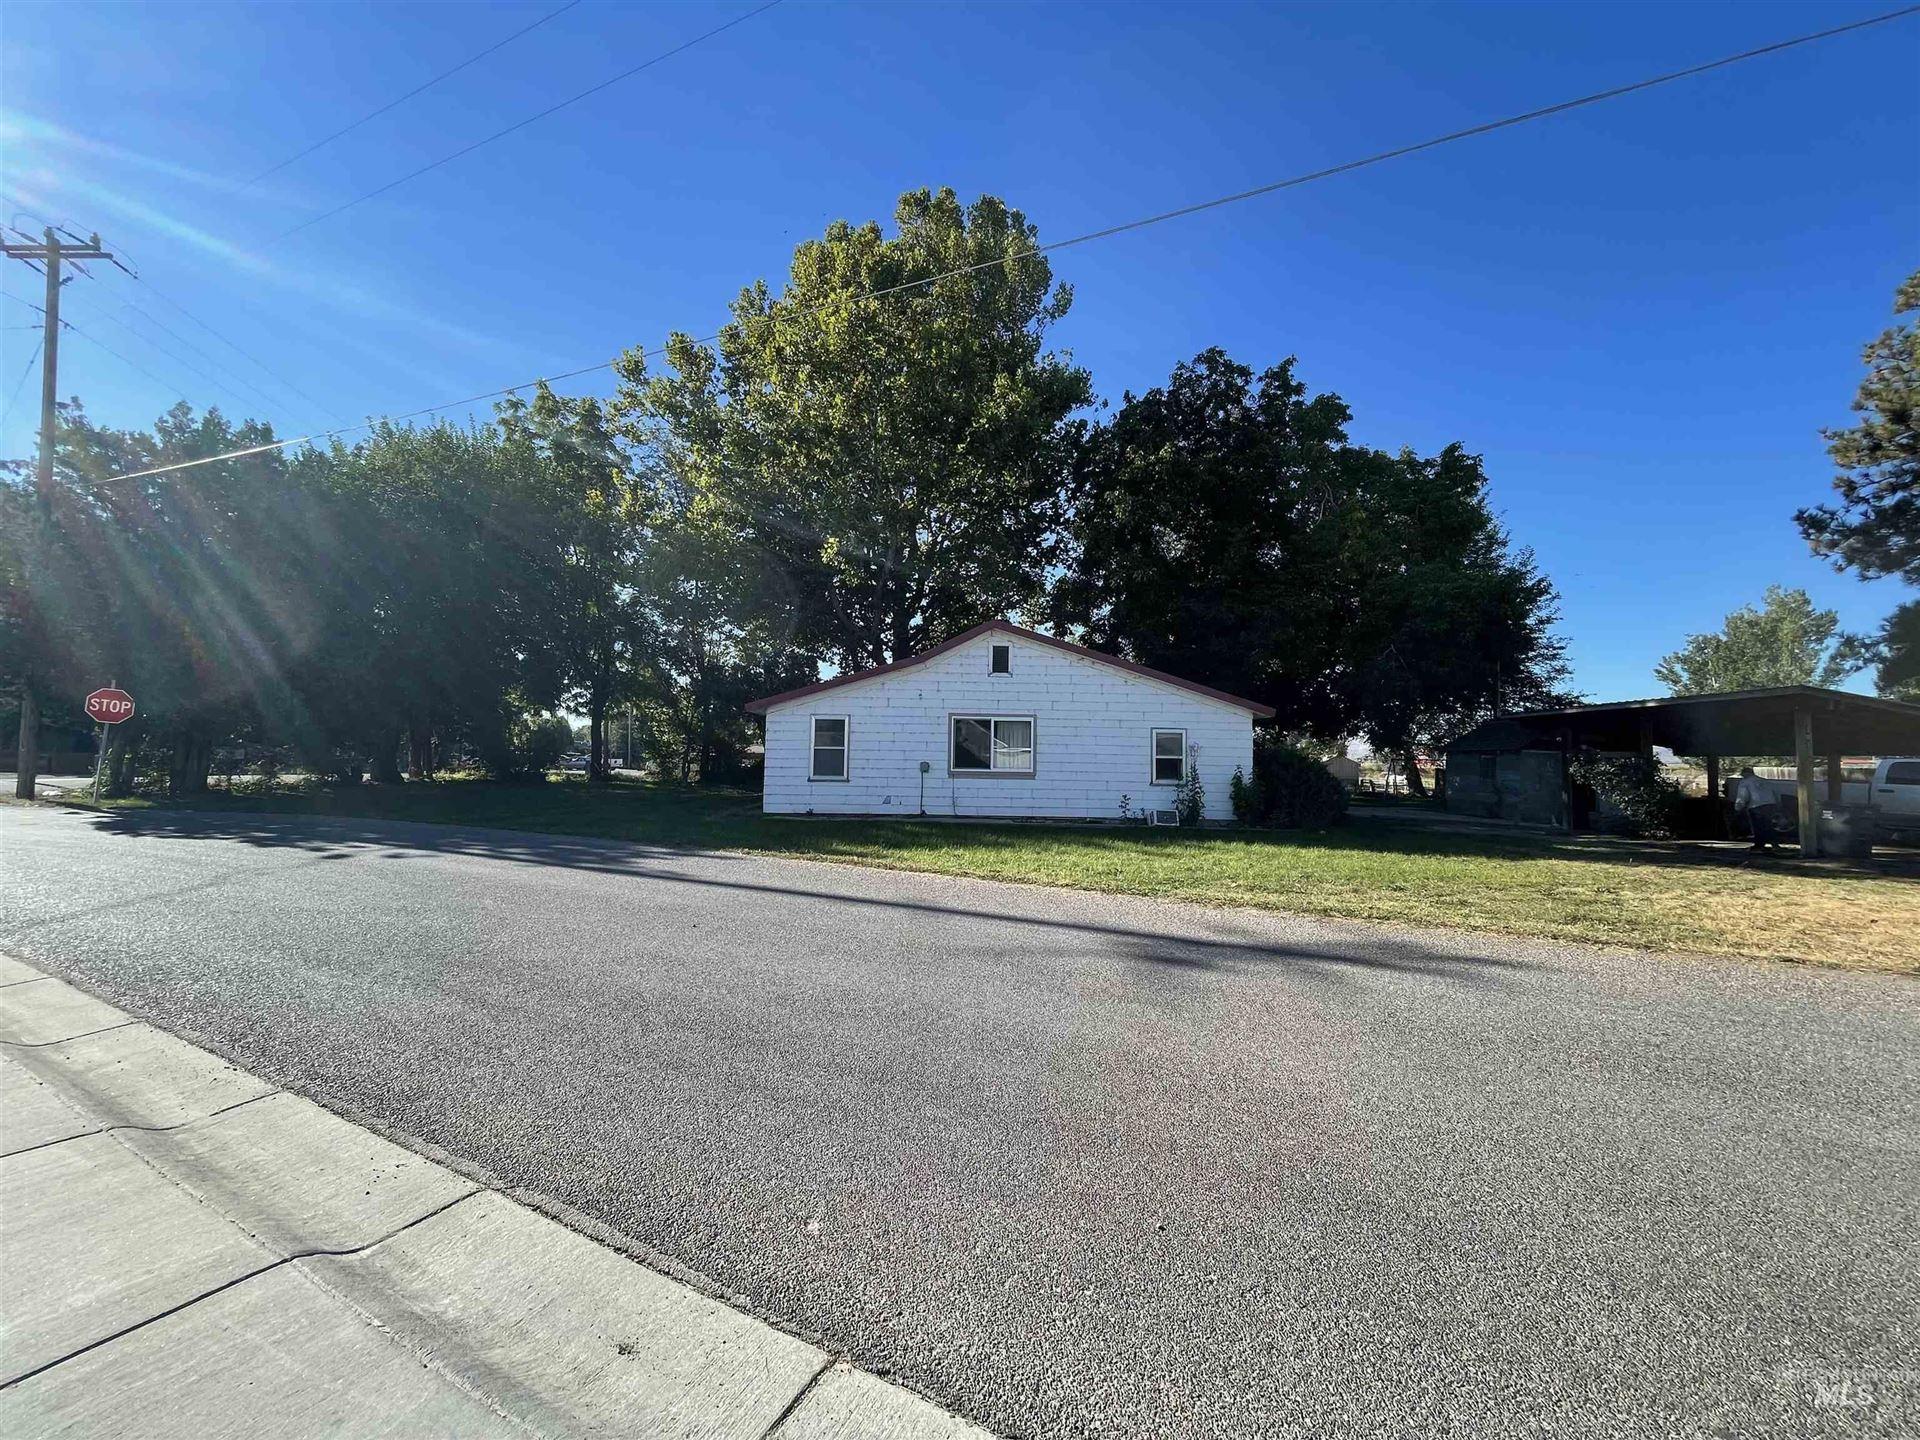 101 W Utah, Homedale, ID 83628 - MLS#: 98820749